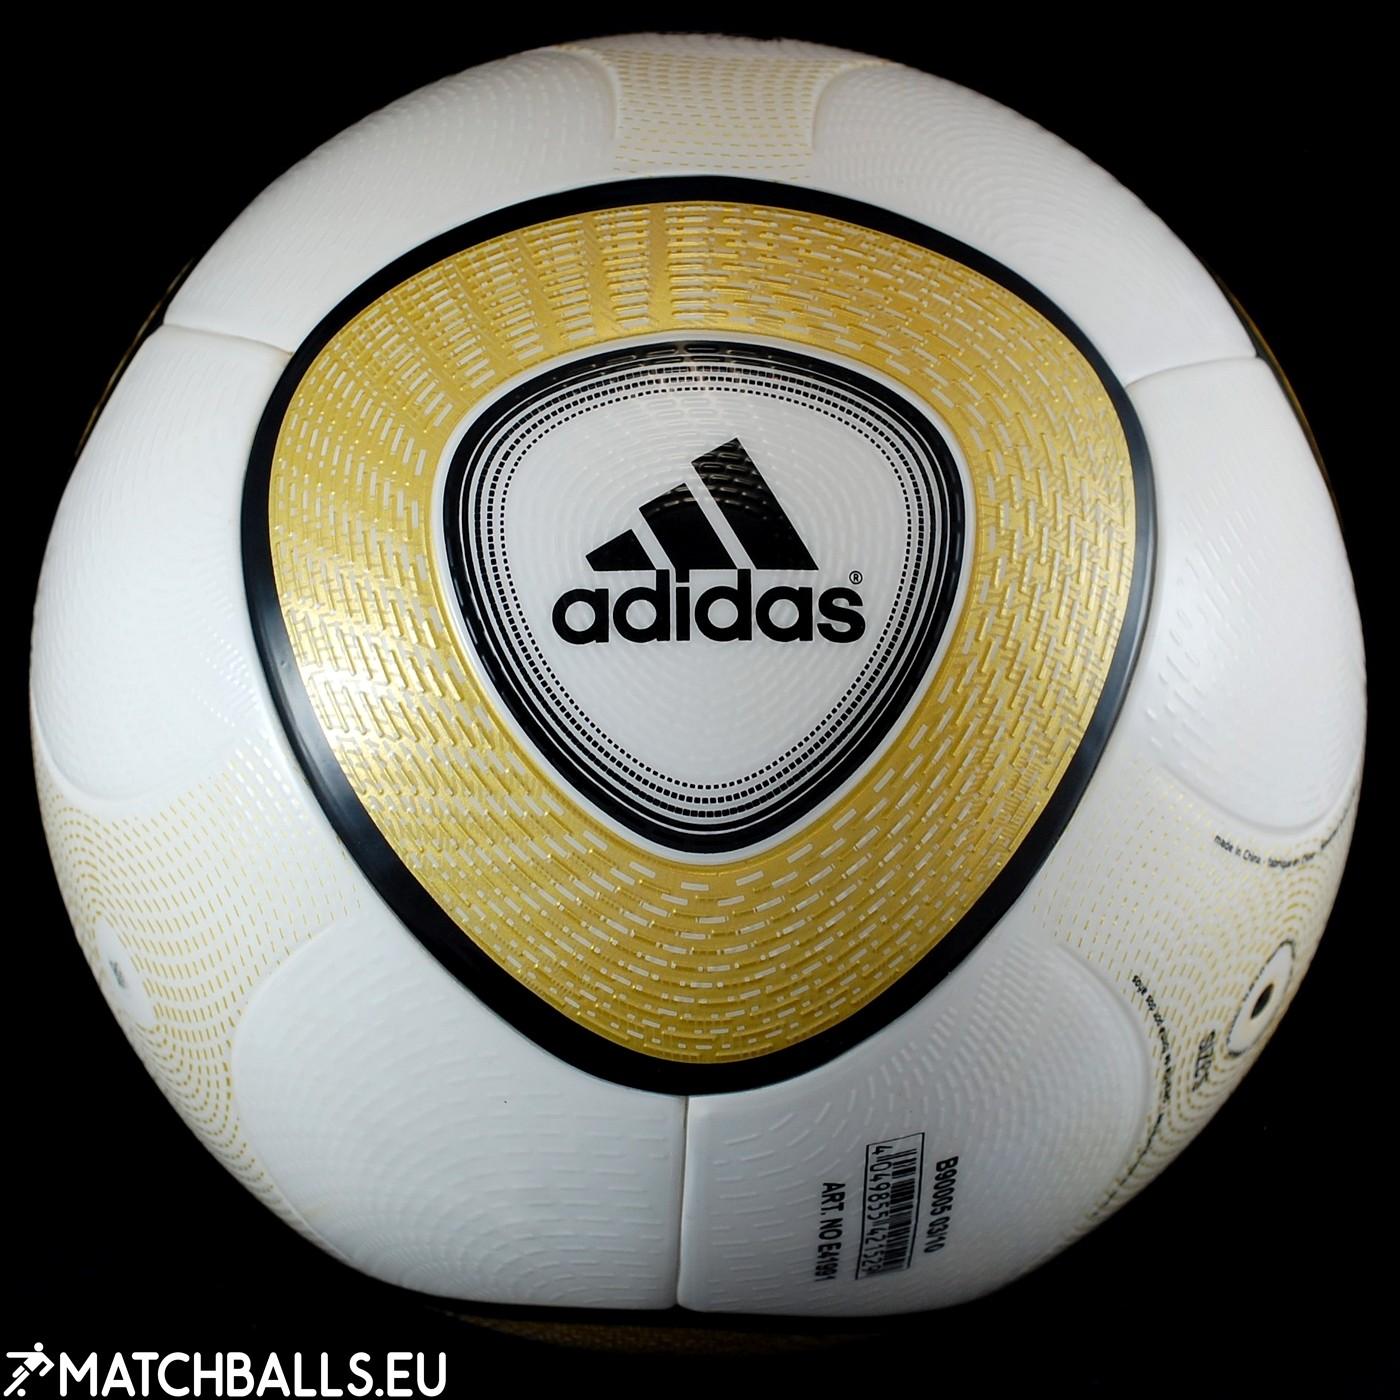 Adidas Jabulani Ball - Final Match (OMB)   matchballs.eu